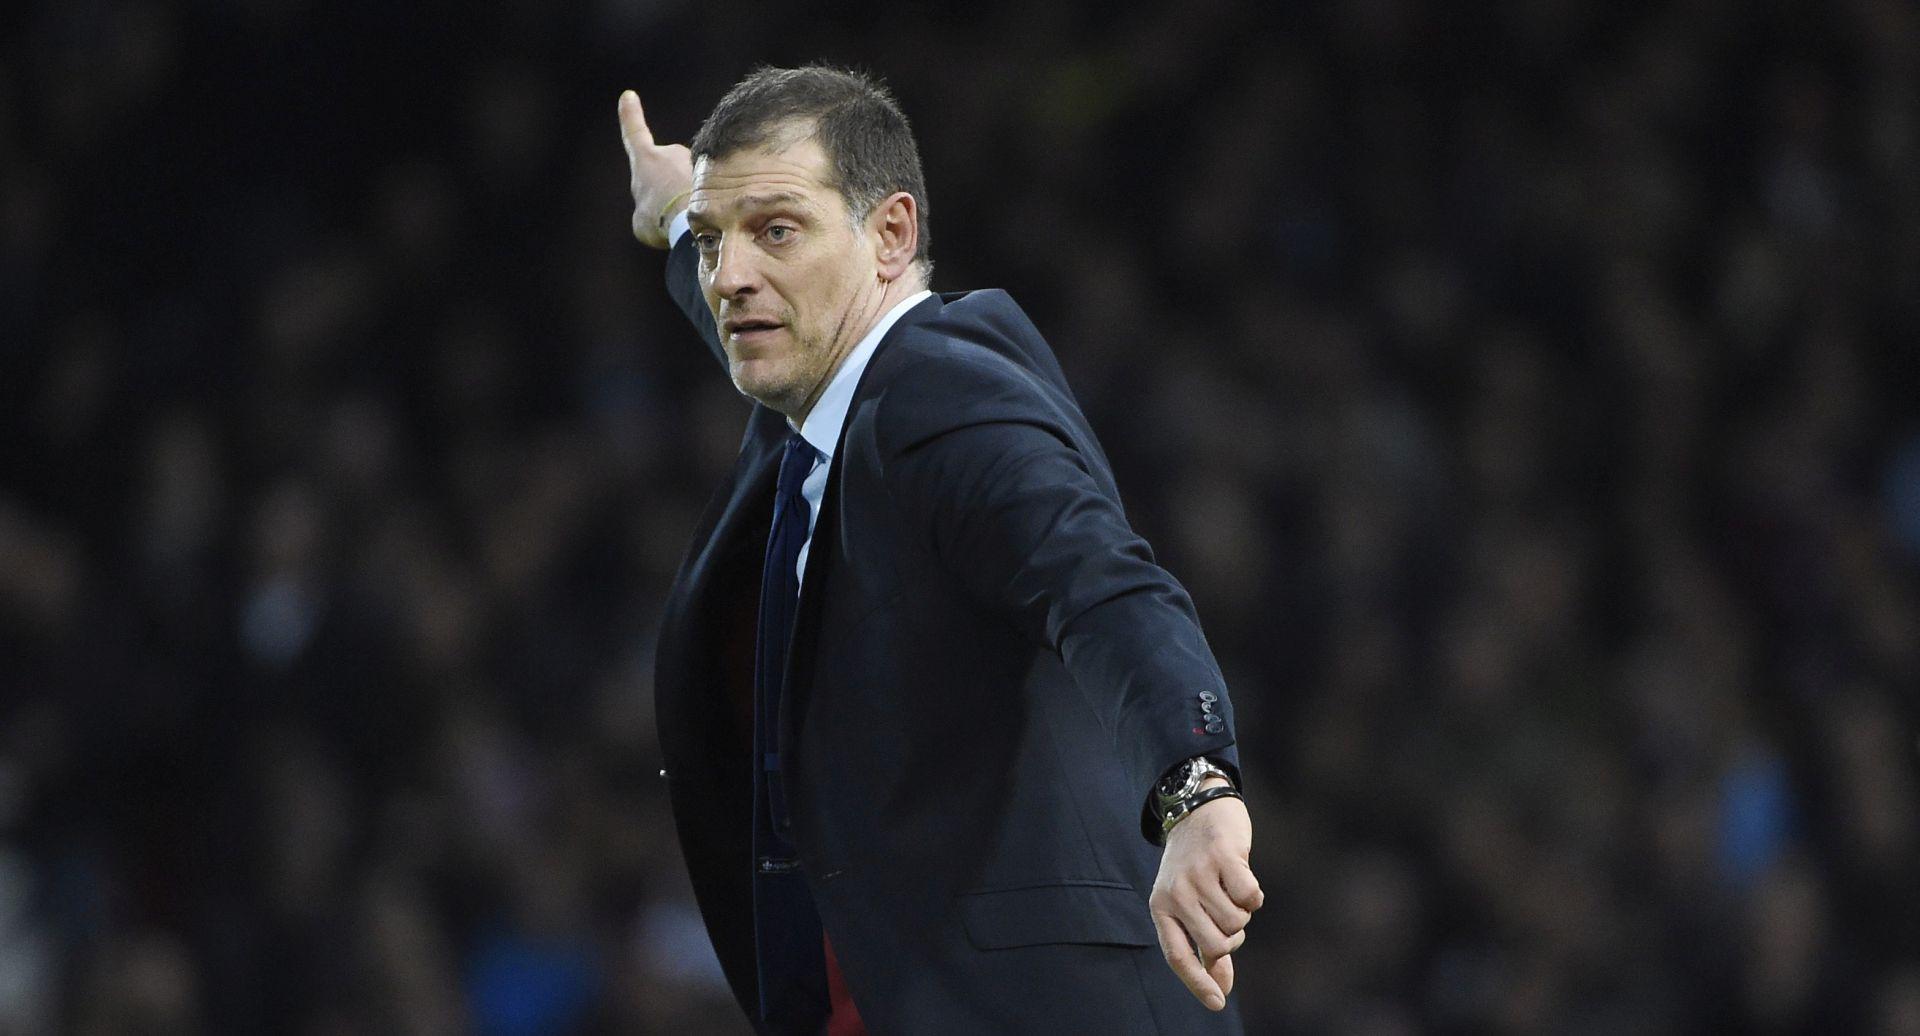 'NOVI IZBORNIK NE MORA NUŽNO BITI ENGLEZ' Slaven Bilić četvrti izbor u anketi za nasljednika Hodgsona